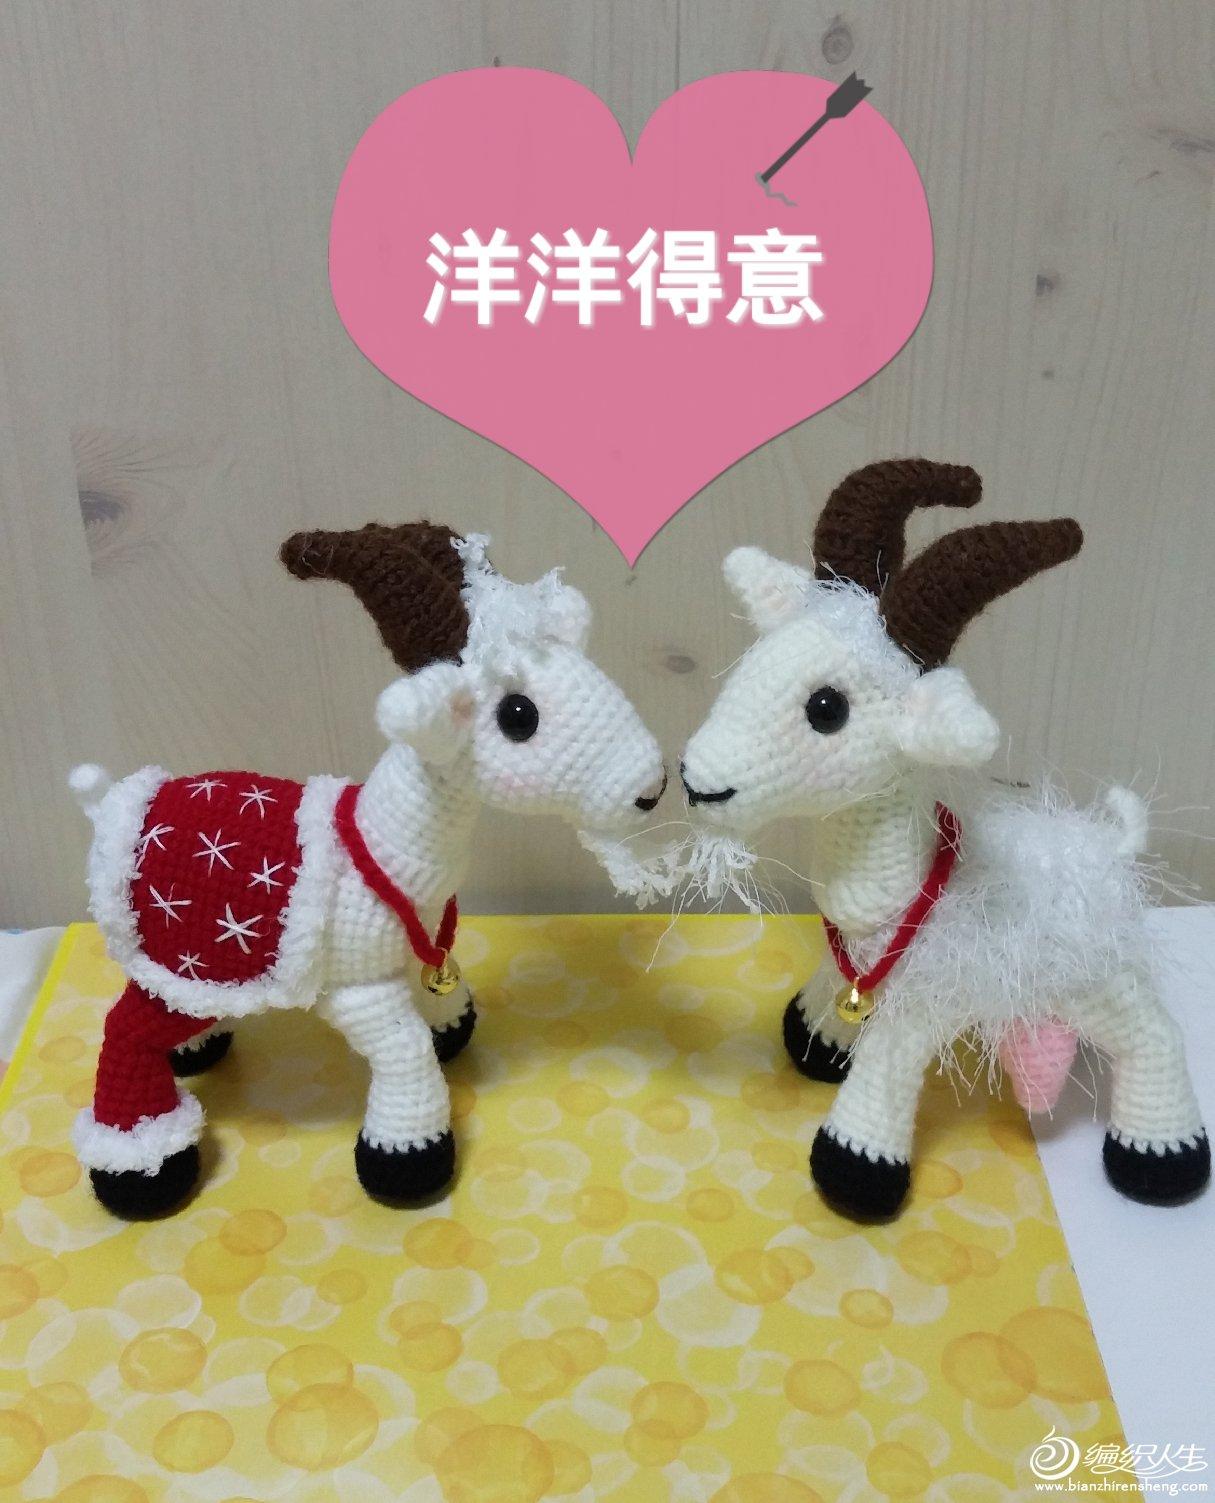 【快乐喜洋洋】  ~恩爱羊~_编织人生论坛